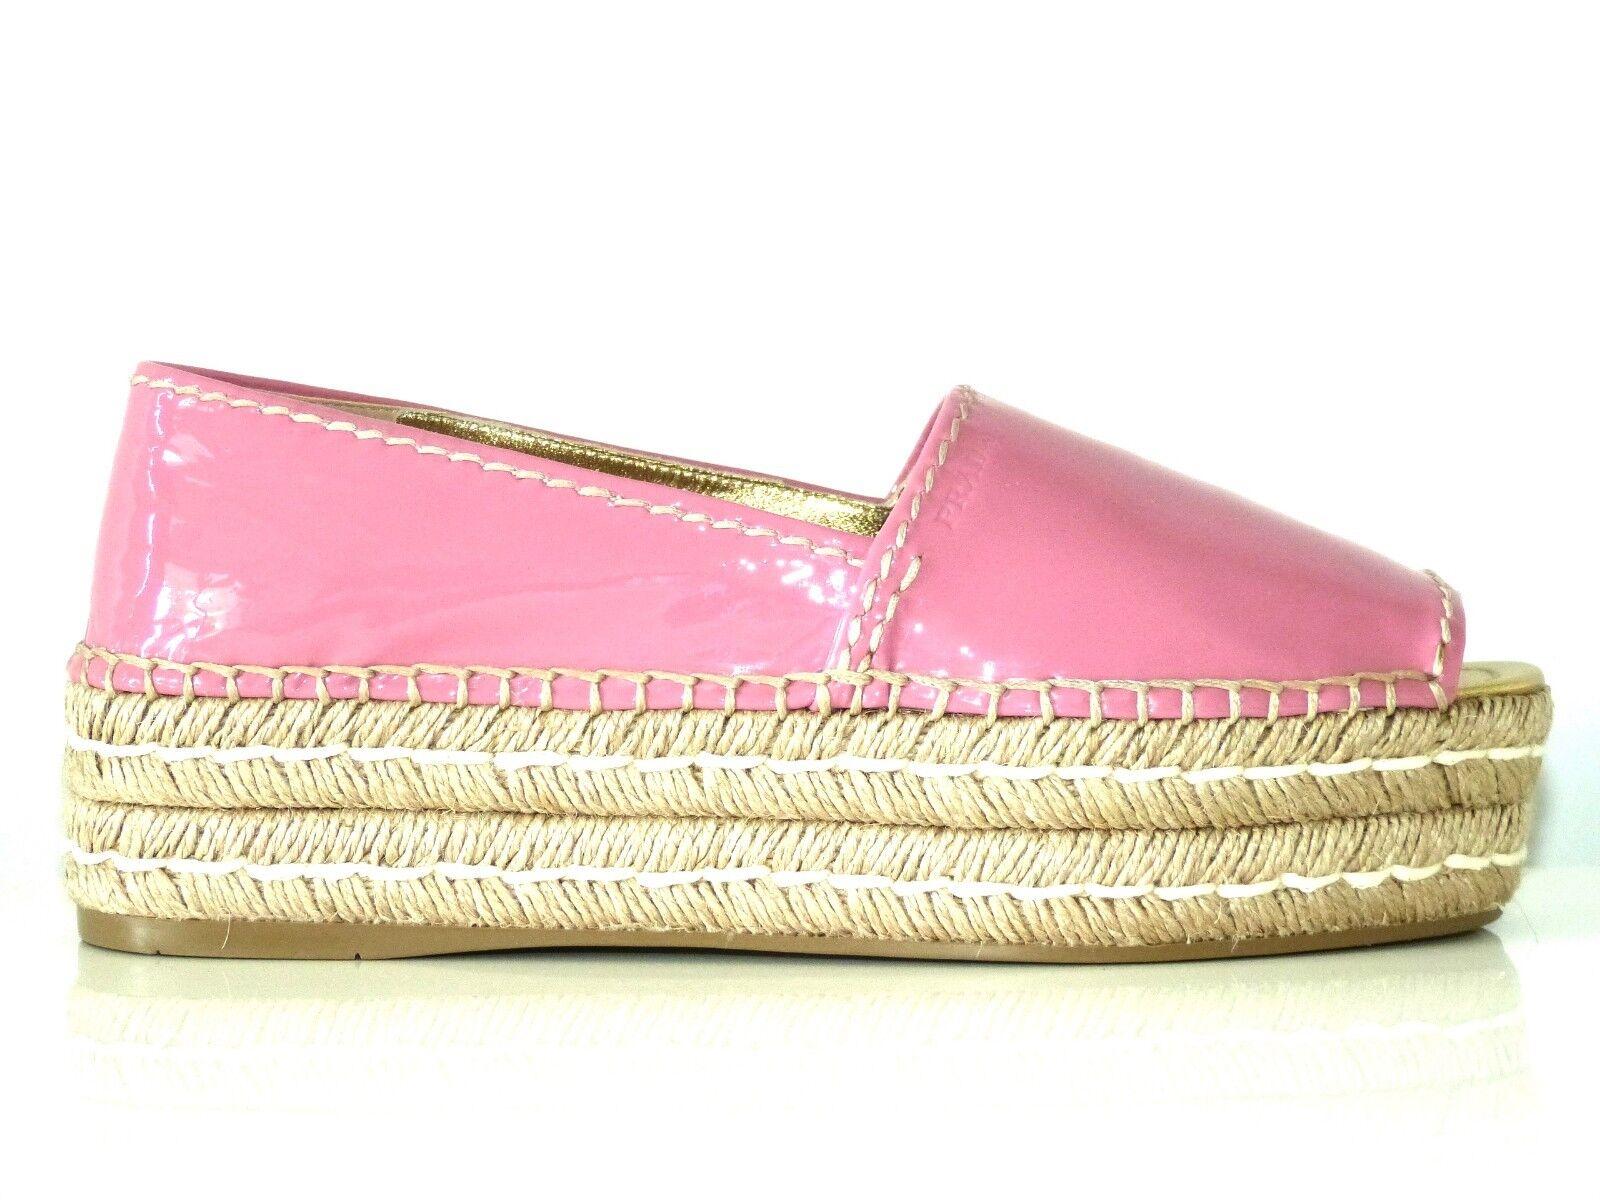 PRADA SCHUHE ESPANDRILLES LACK Schuhe PEEP TOES PETOLA EU:39,5 NEU/NEW